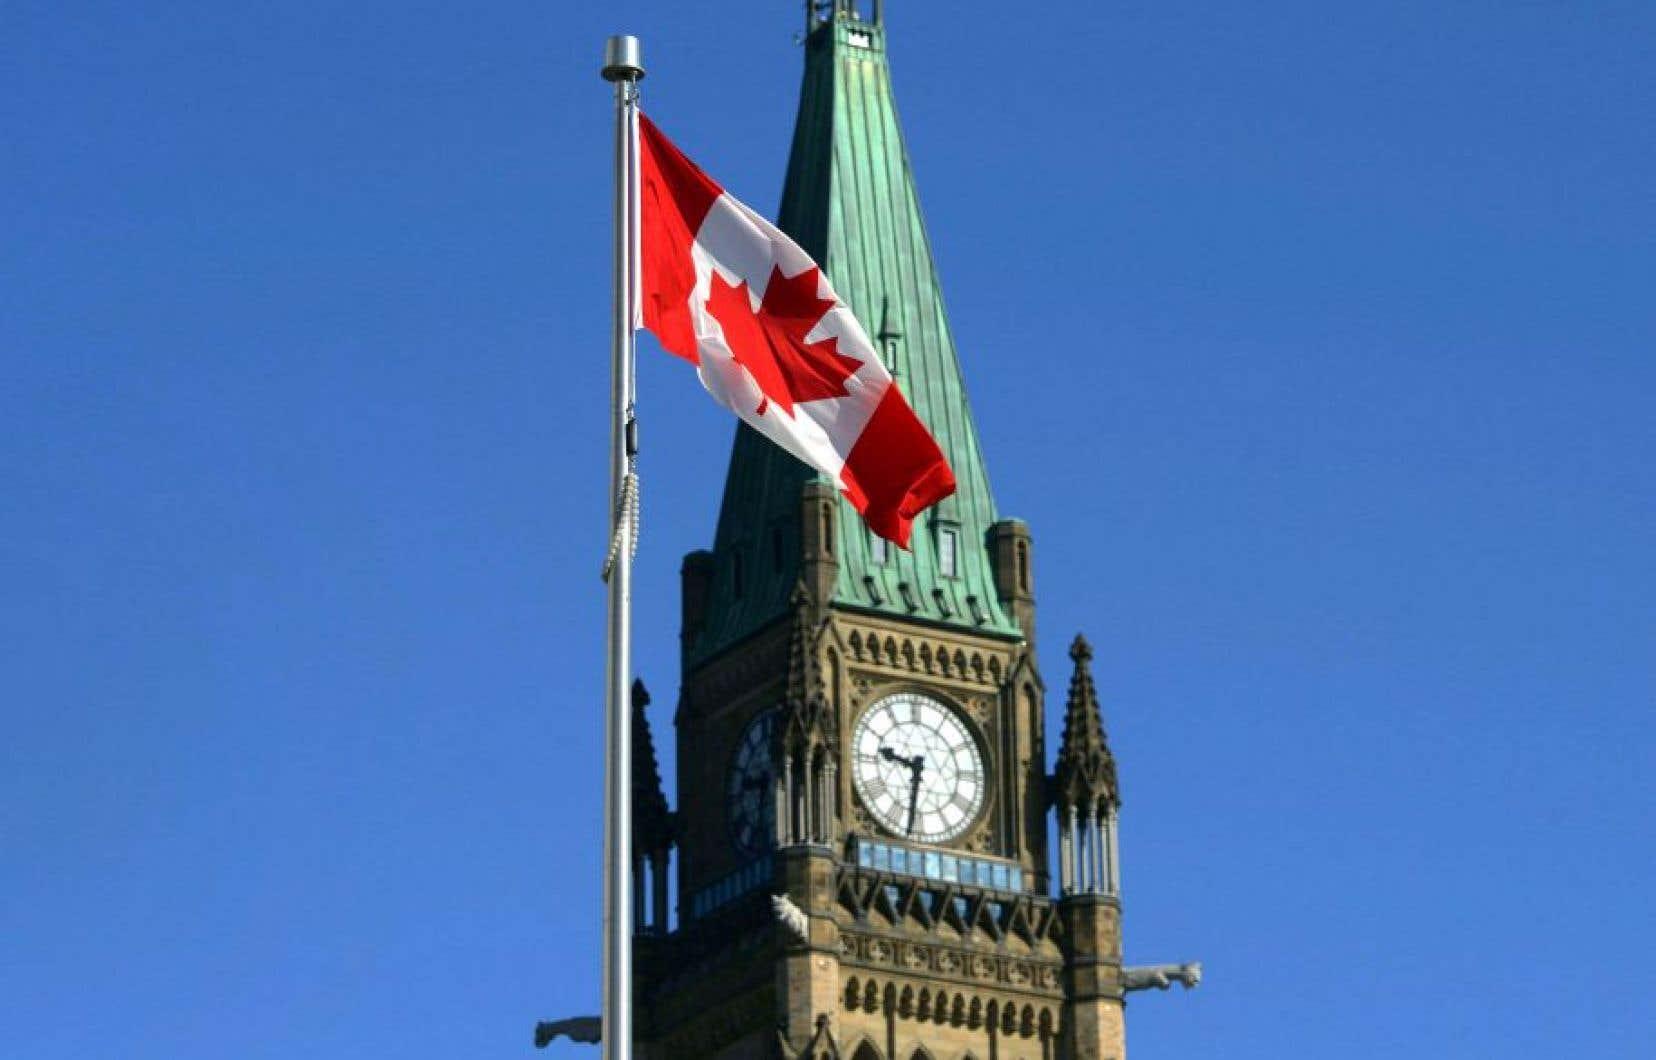 L'économie du Canada a connu une assez bonne année en 2017, ce qui se traduit par une amélioration des soldes budgétaires du gouvernement et du ratio de la dette au PIB.